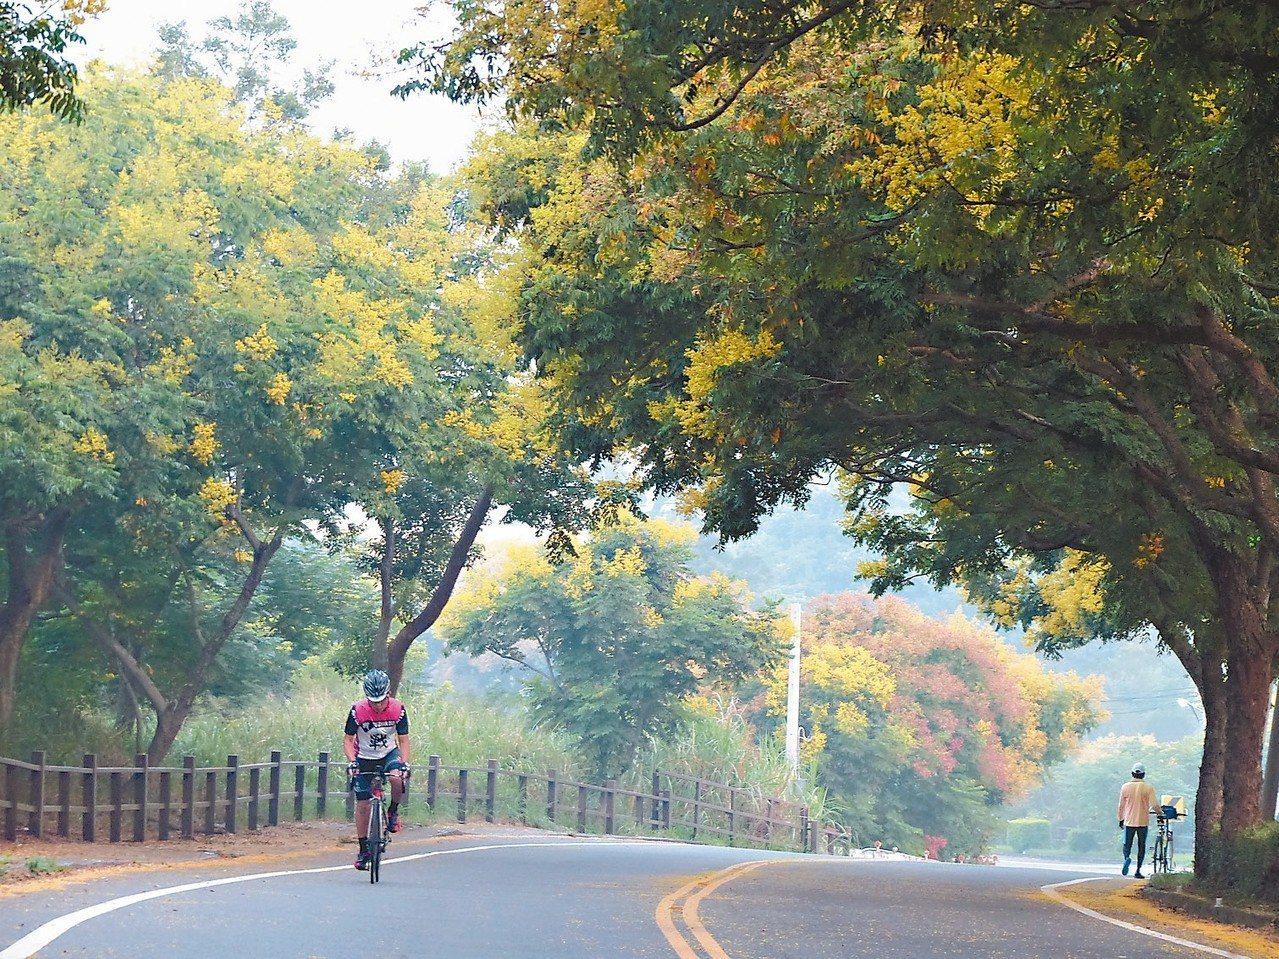 彰化八卦山139線的台灣欒樹盛開,騎單車馳騁賞心悅目。 記者劉明岩/攝影